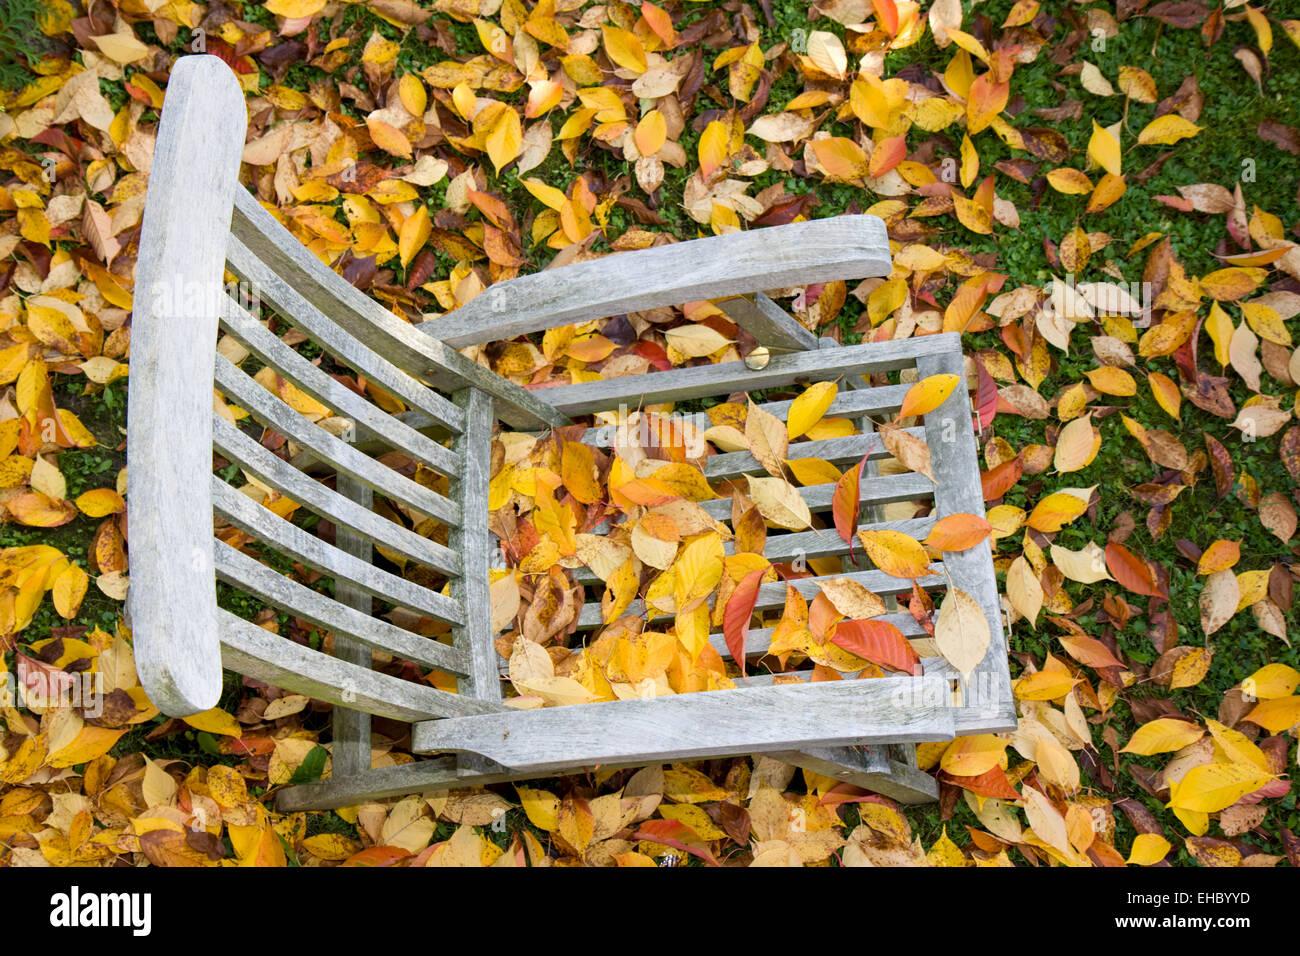 hölzerner Liegestuhl mit Blätter im Herbst - Stock Image